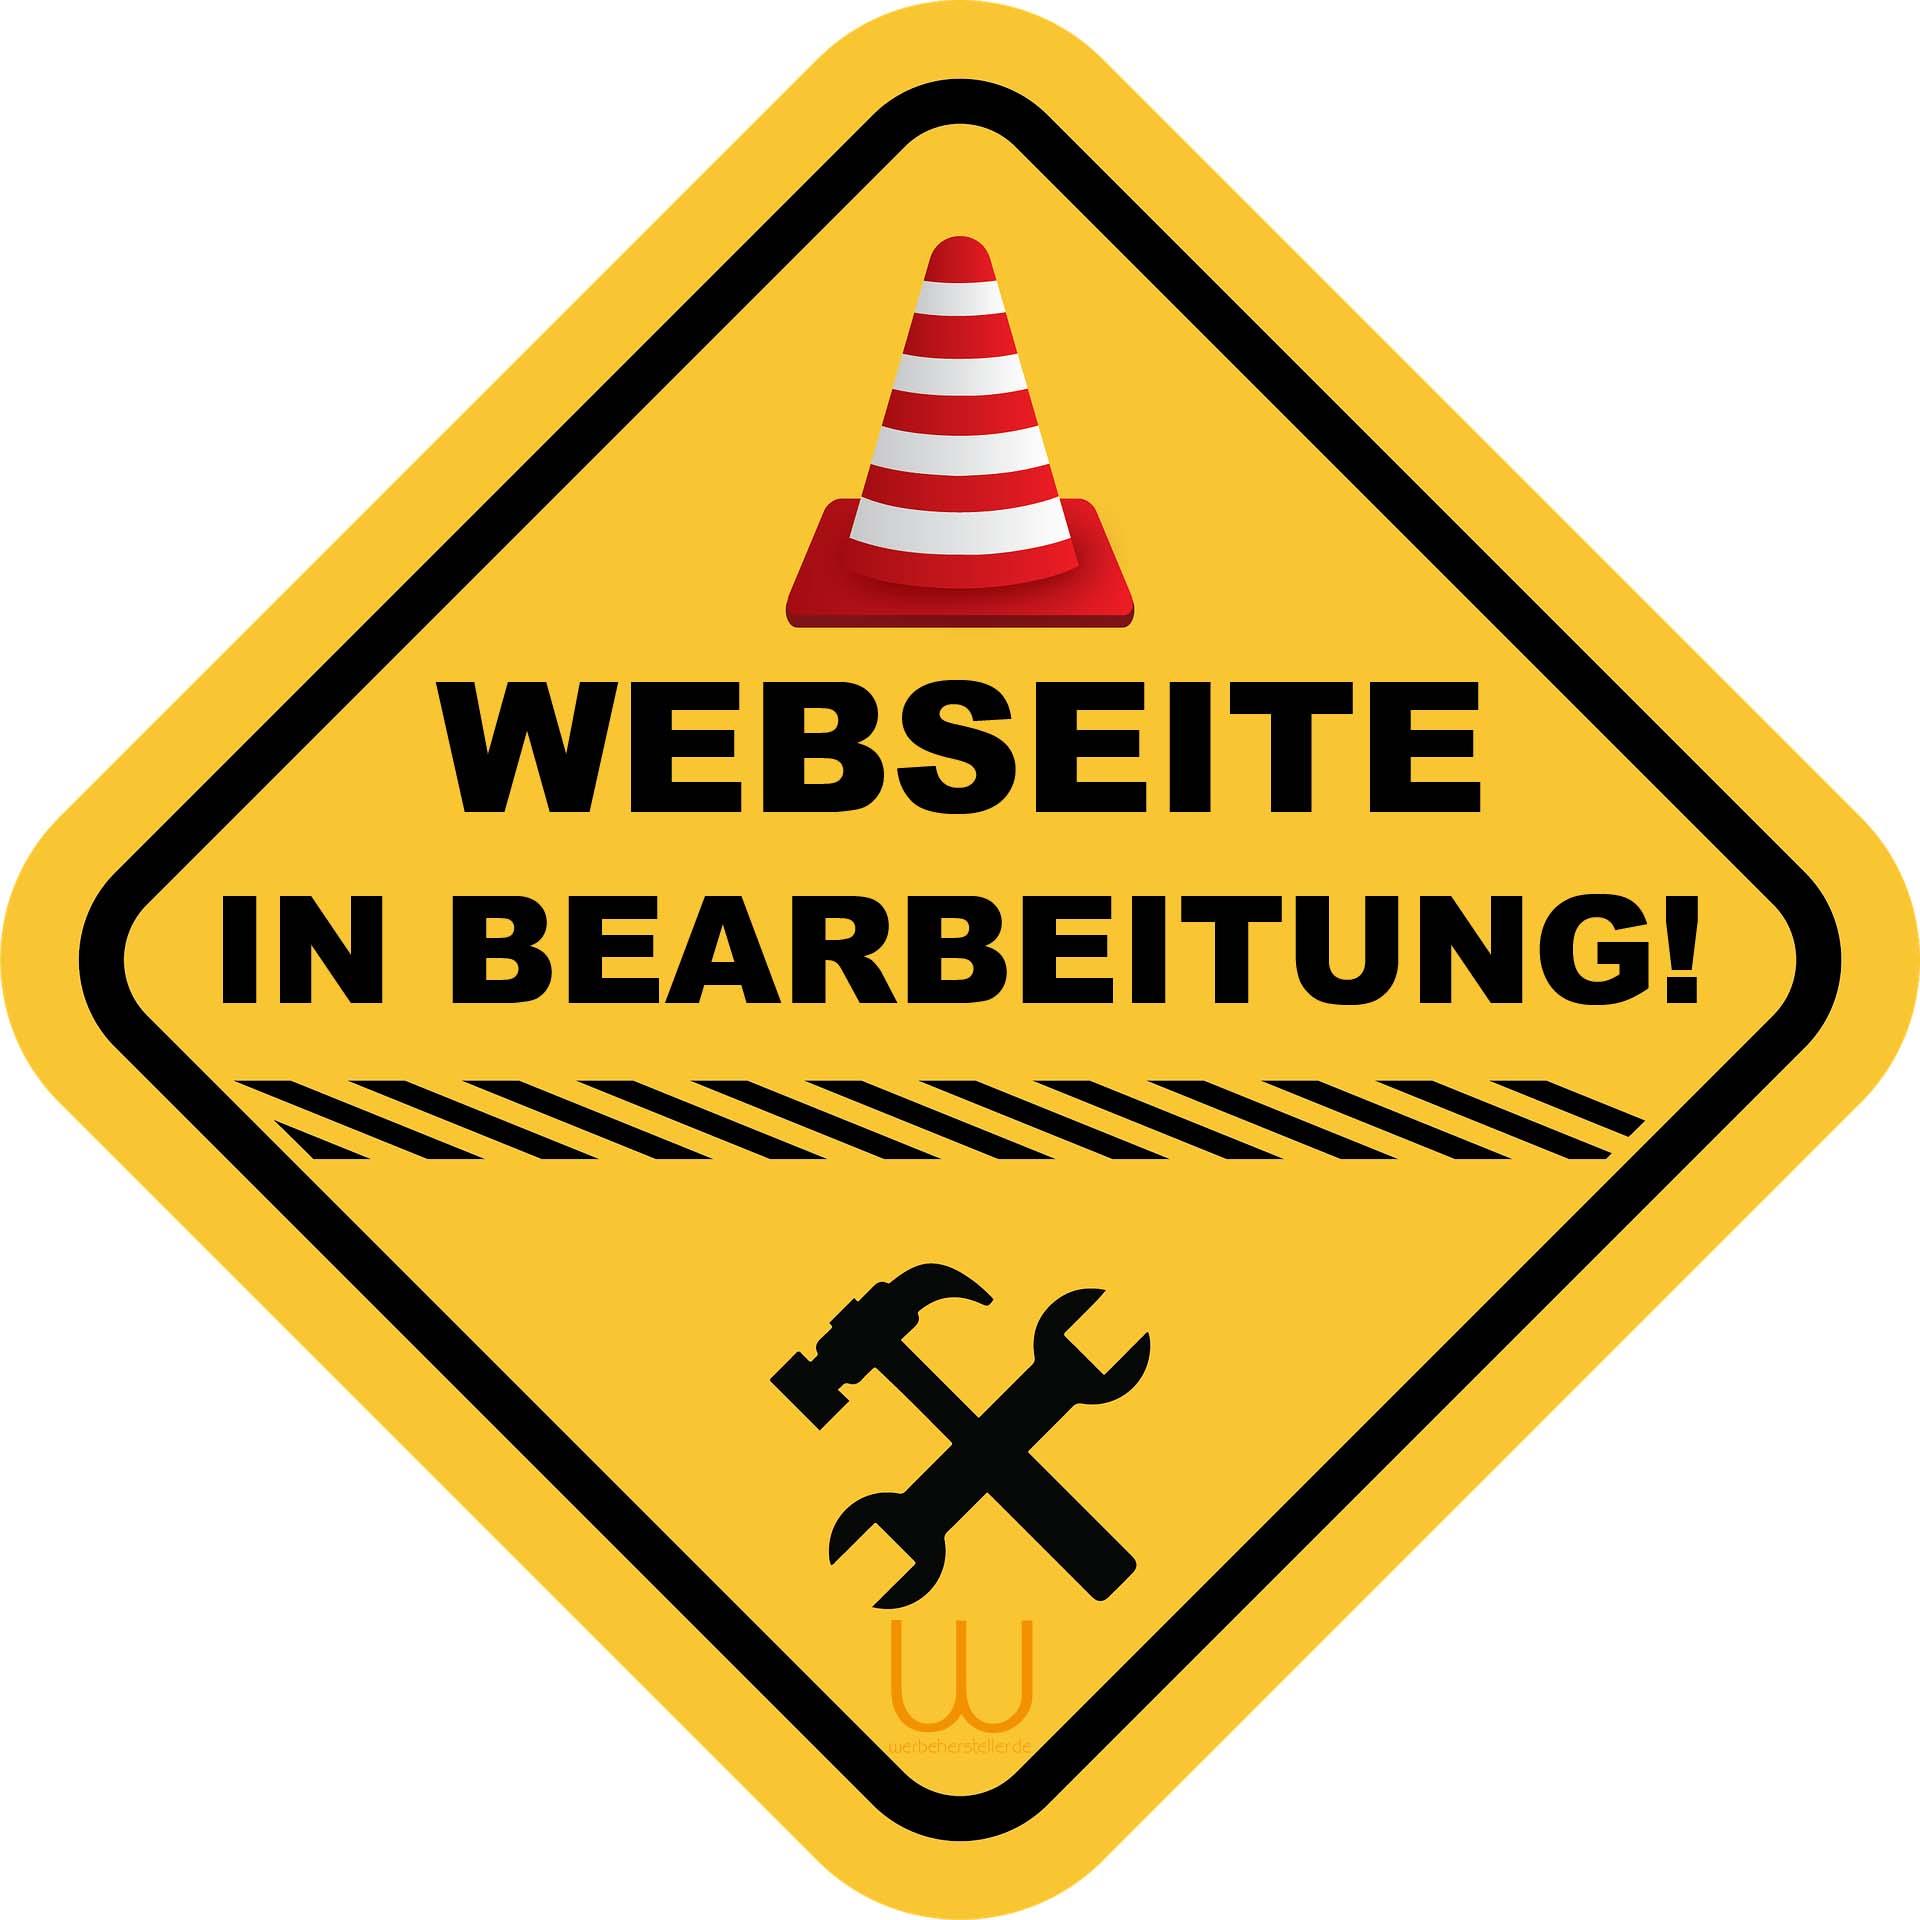 Werbehersteller.de_Webseite-in-Bearbeitung